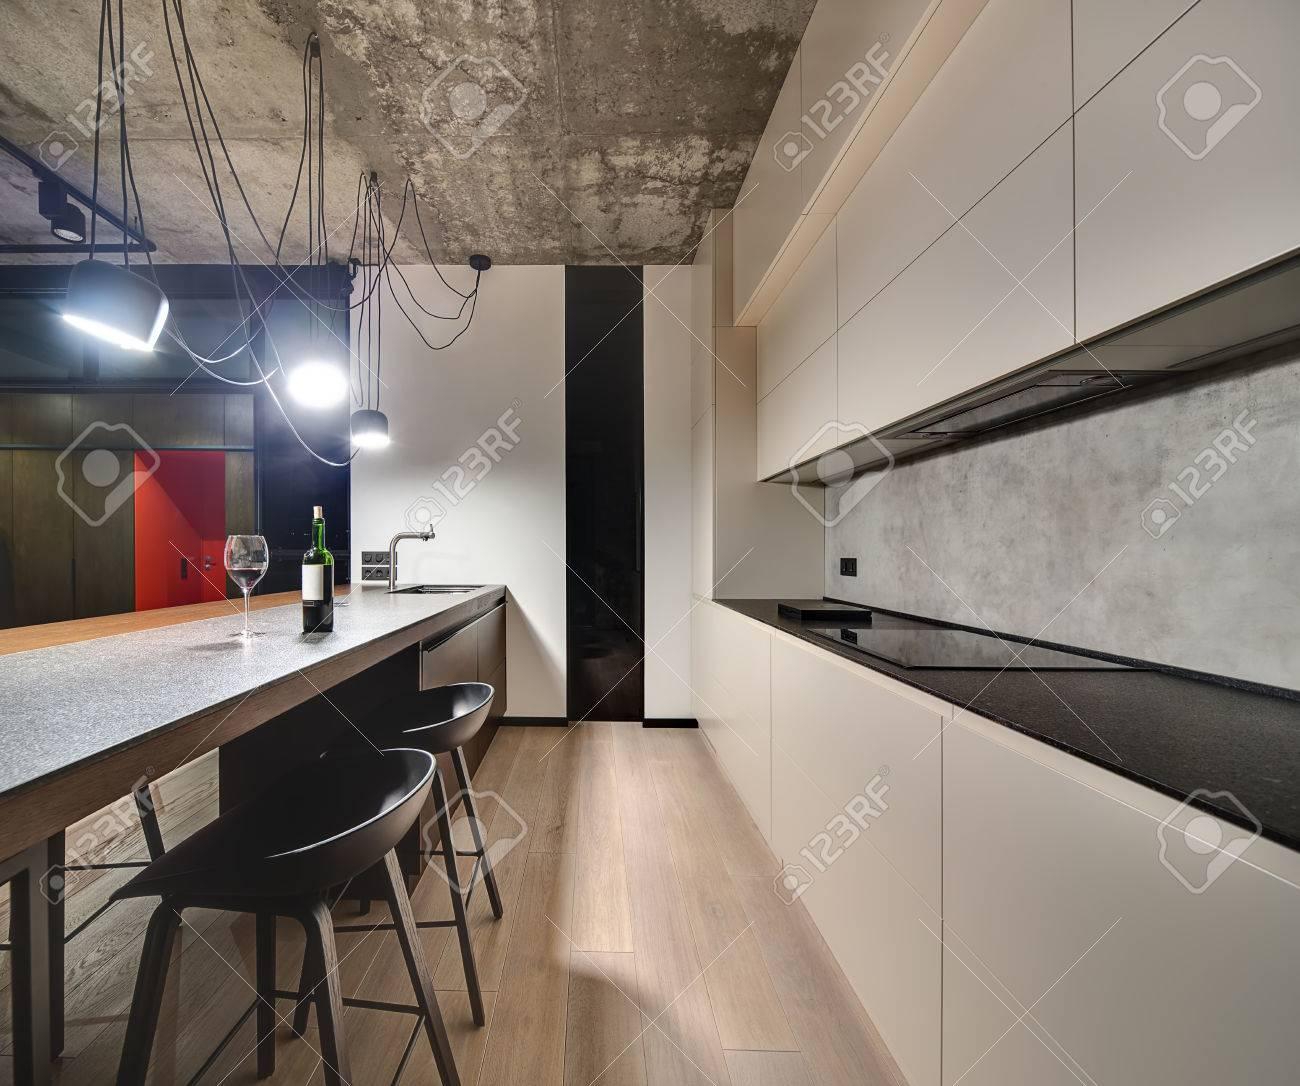 Zona Cucina In Stile Loft, Con Un Parquet Sul Pavimento. C\'è Una ...